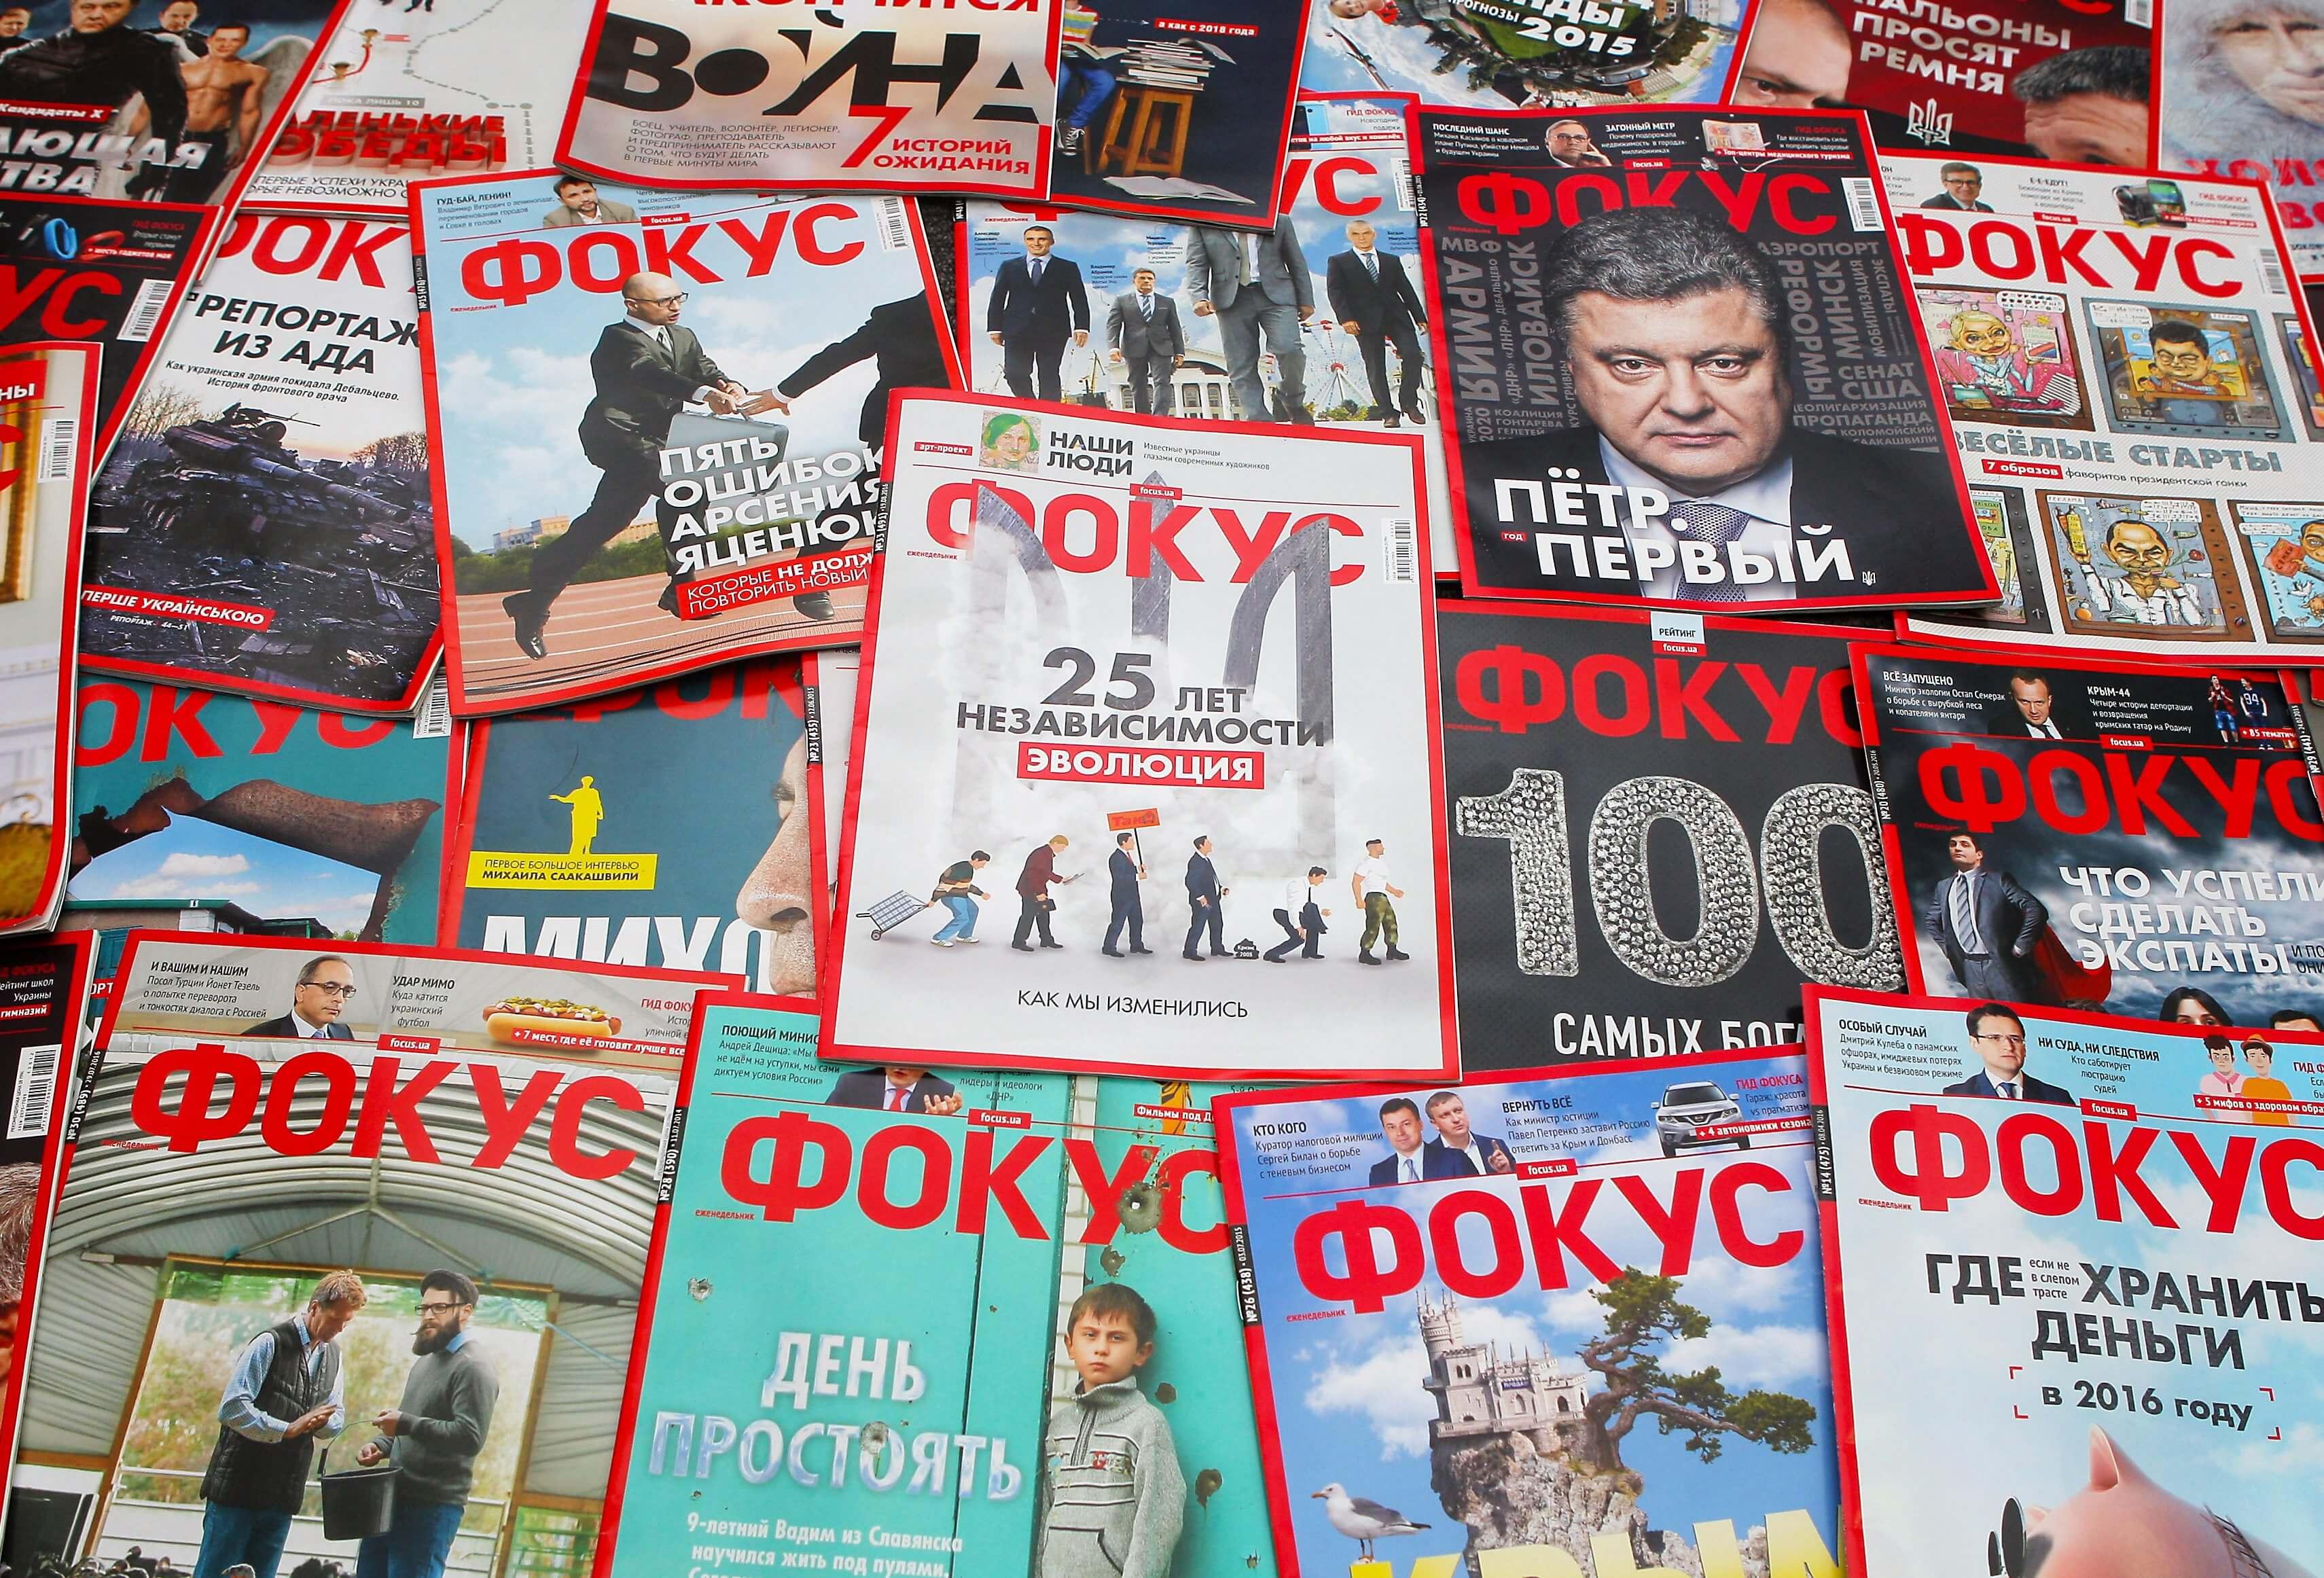 ⚡ Главным редактором сайта focus.ua стал Алексей Газубей